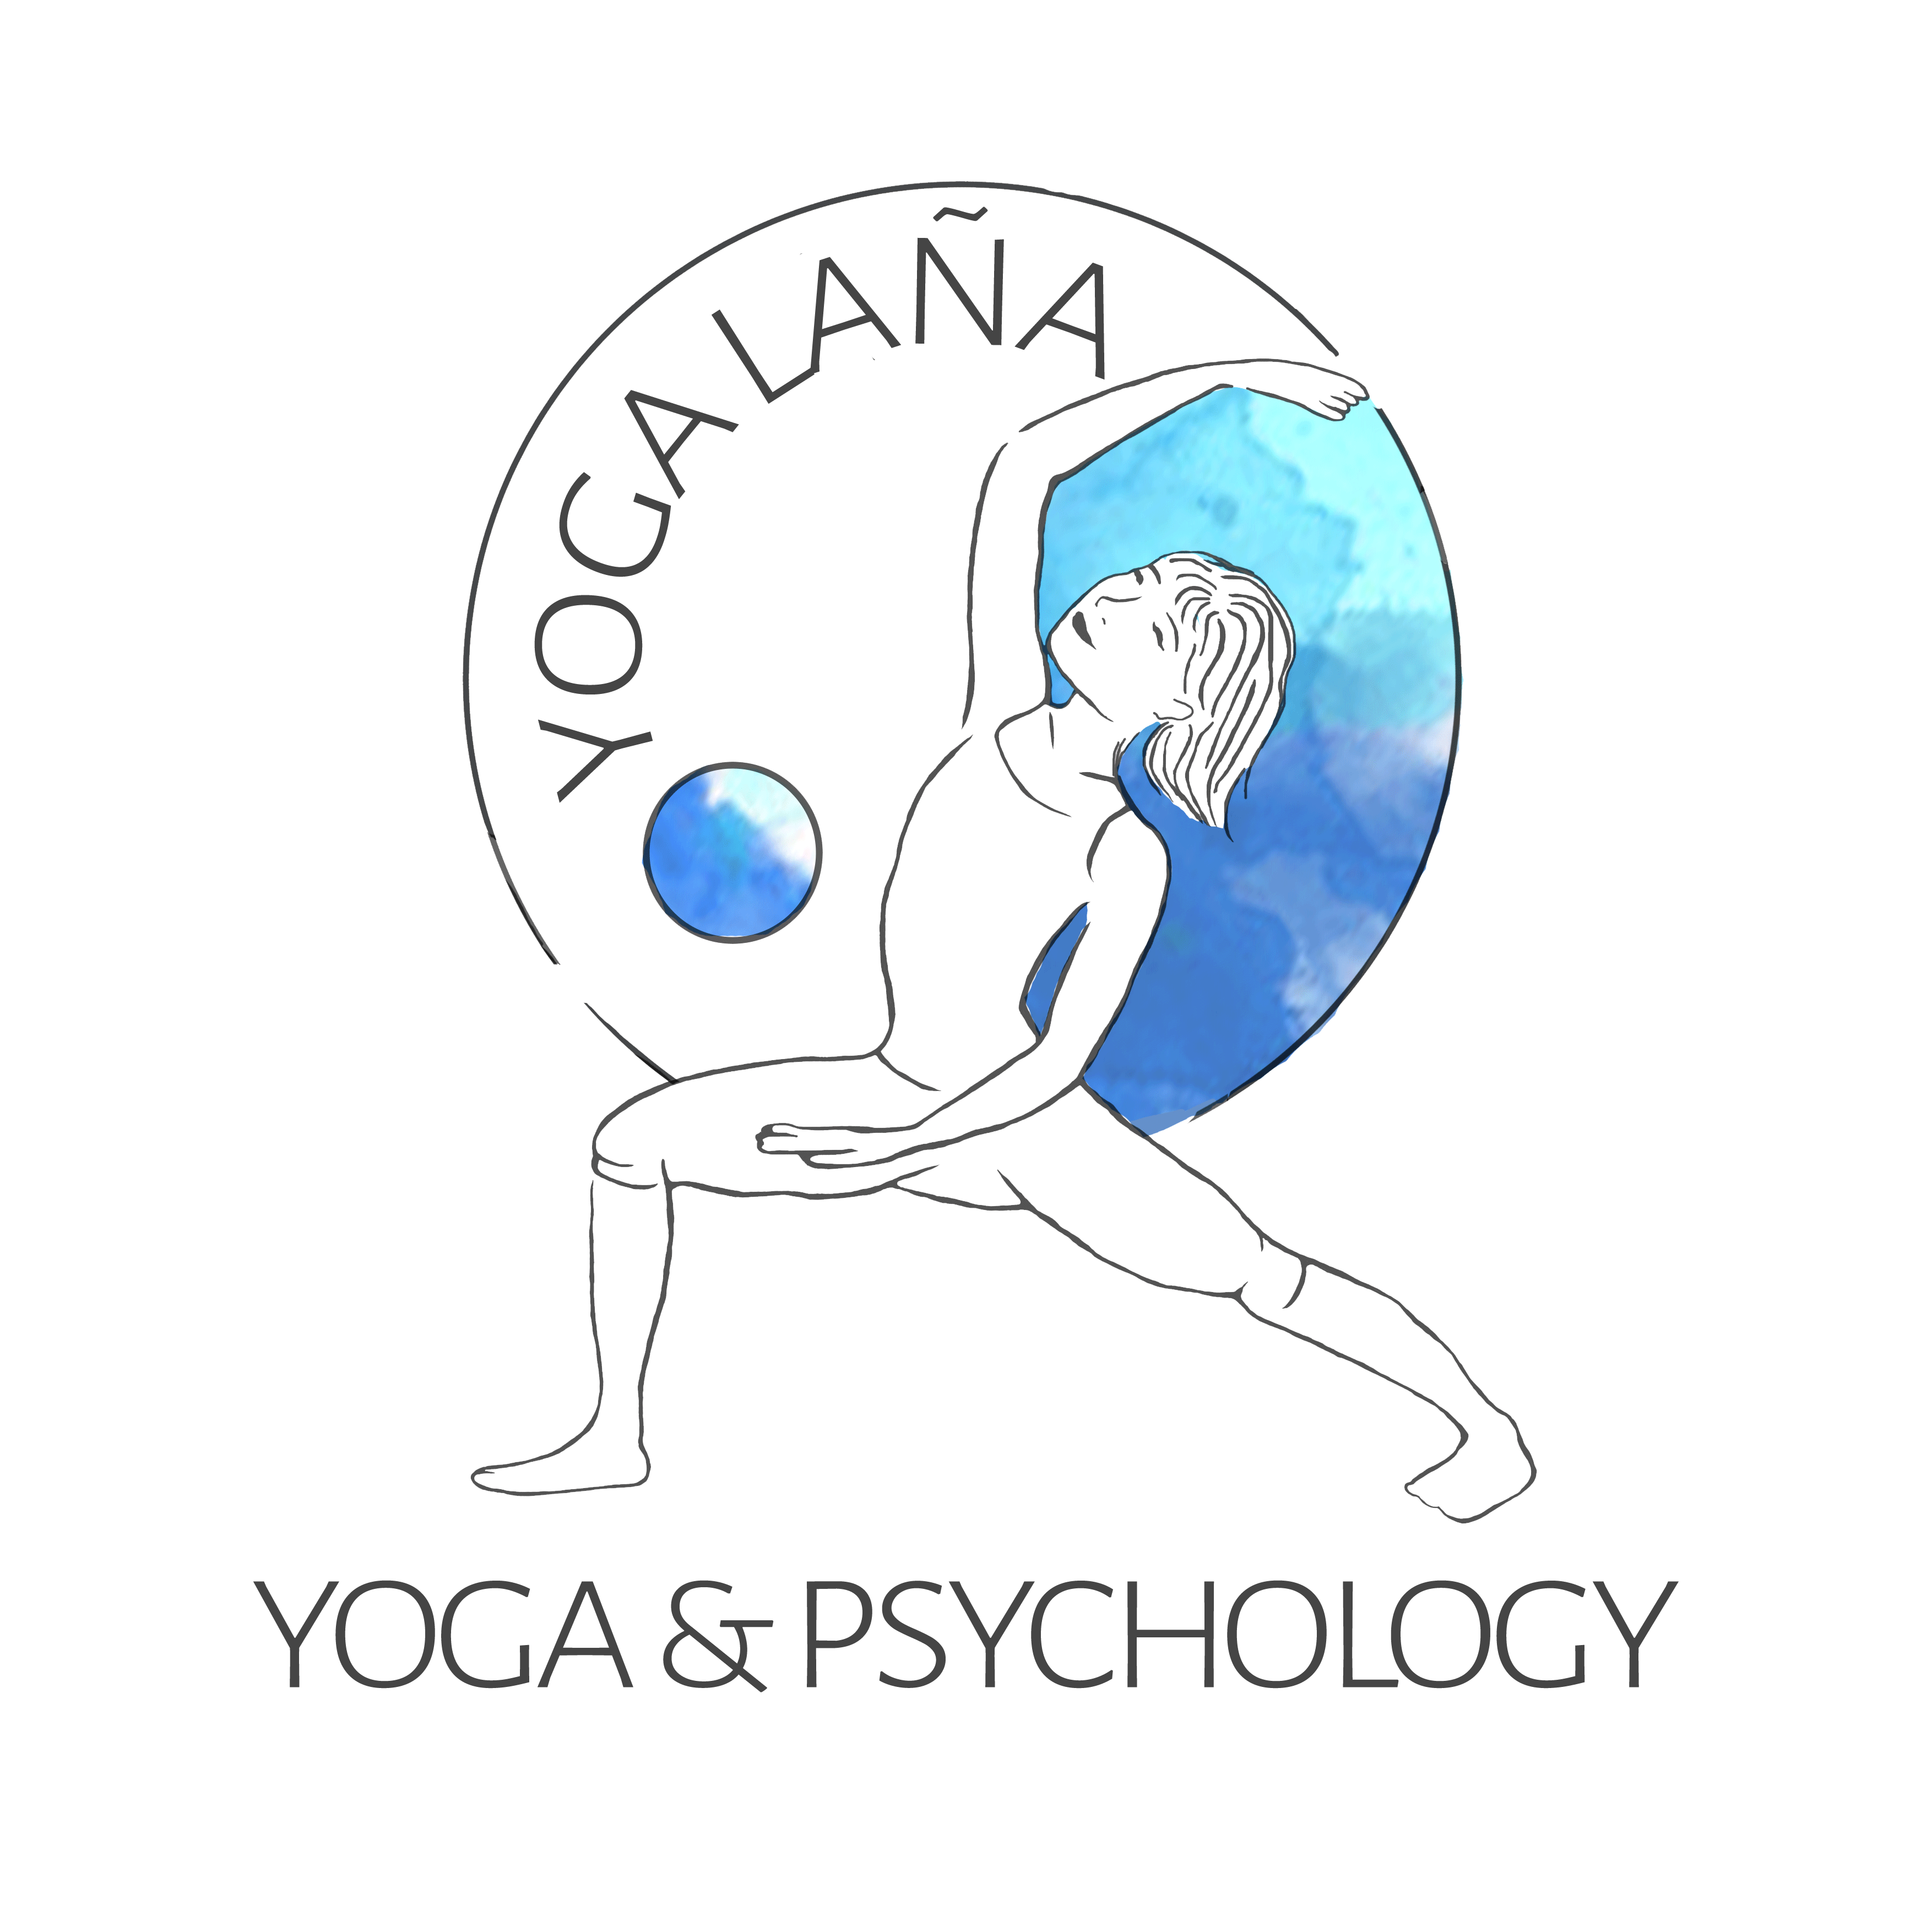 Yoga Lañā